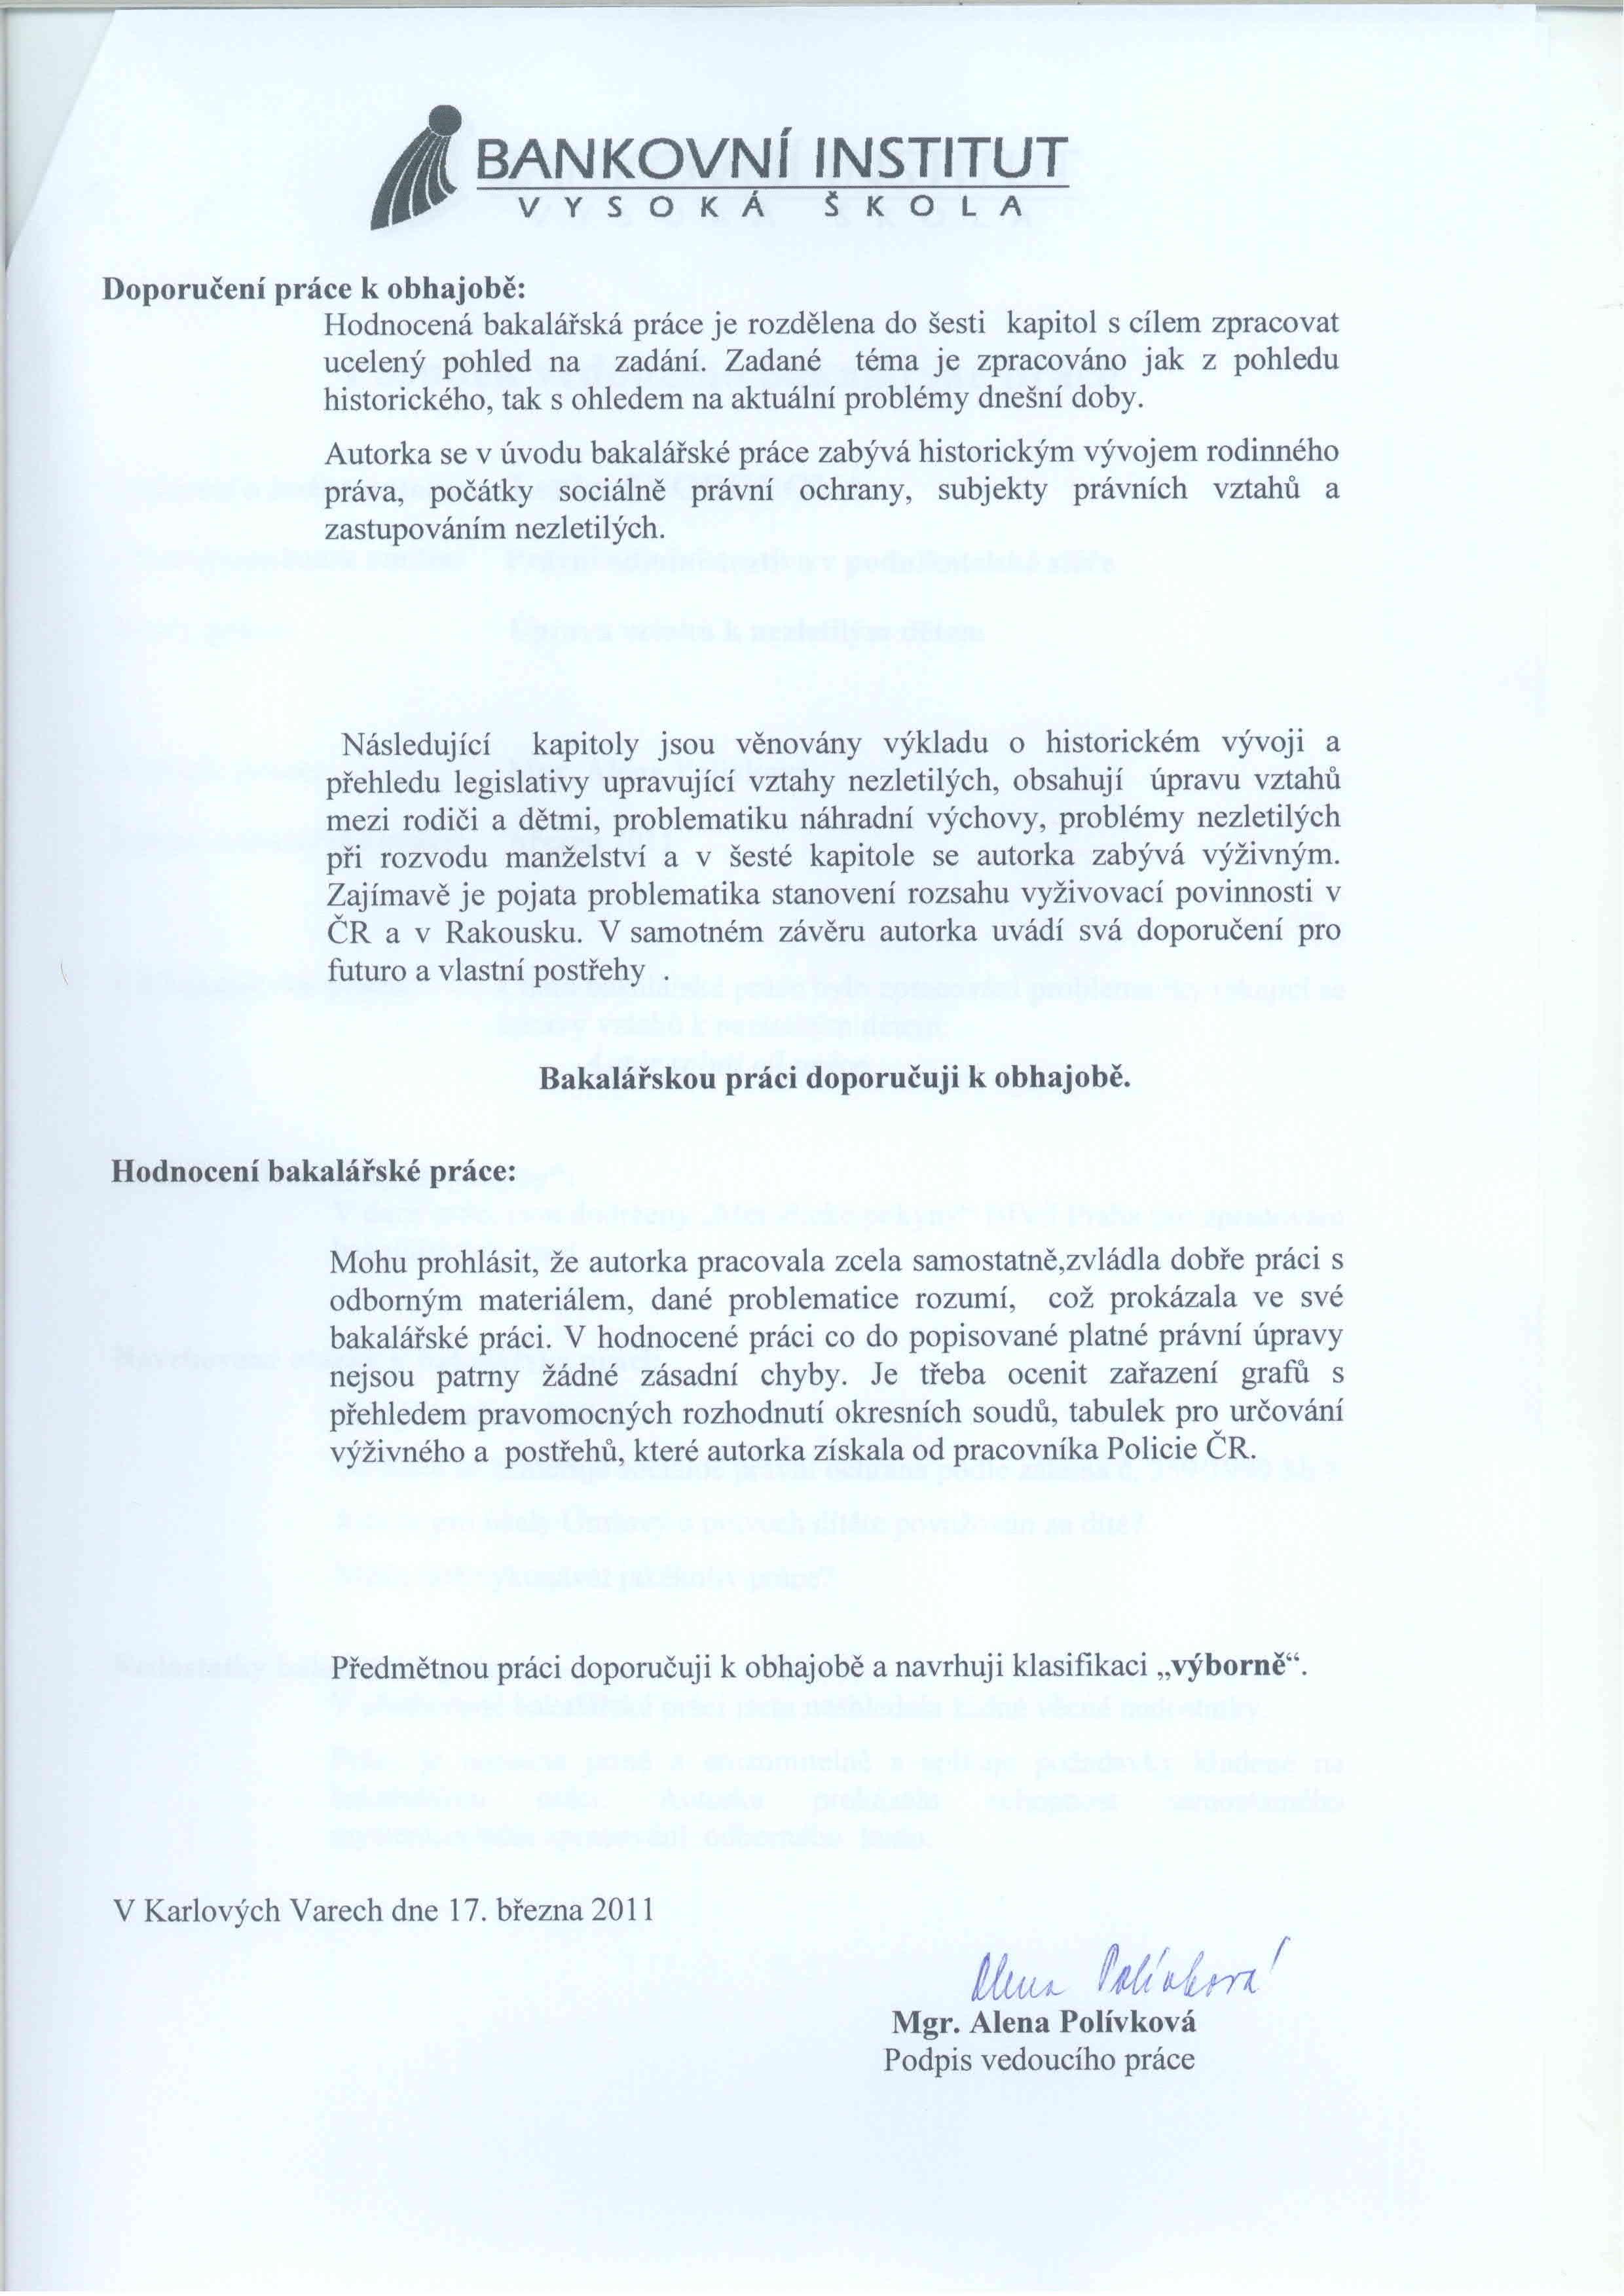 Archiv závěrečné práce Lenka Svobodová BIVŠ BANK PAK kombin.  jtlh0  e2fa6890ee